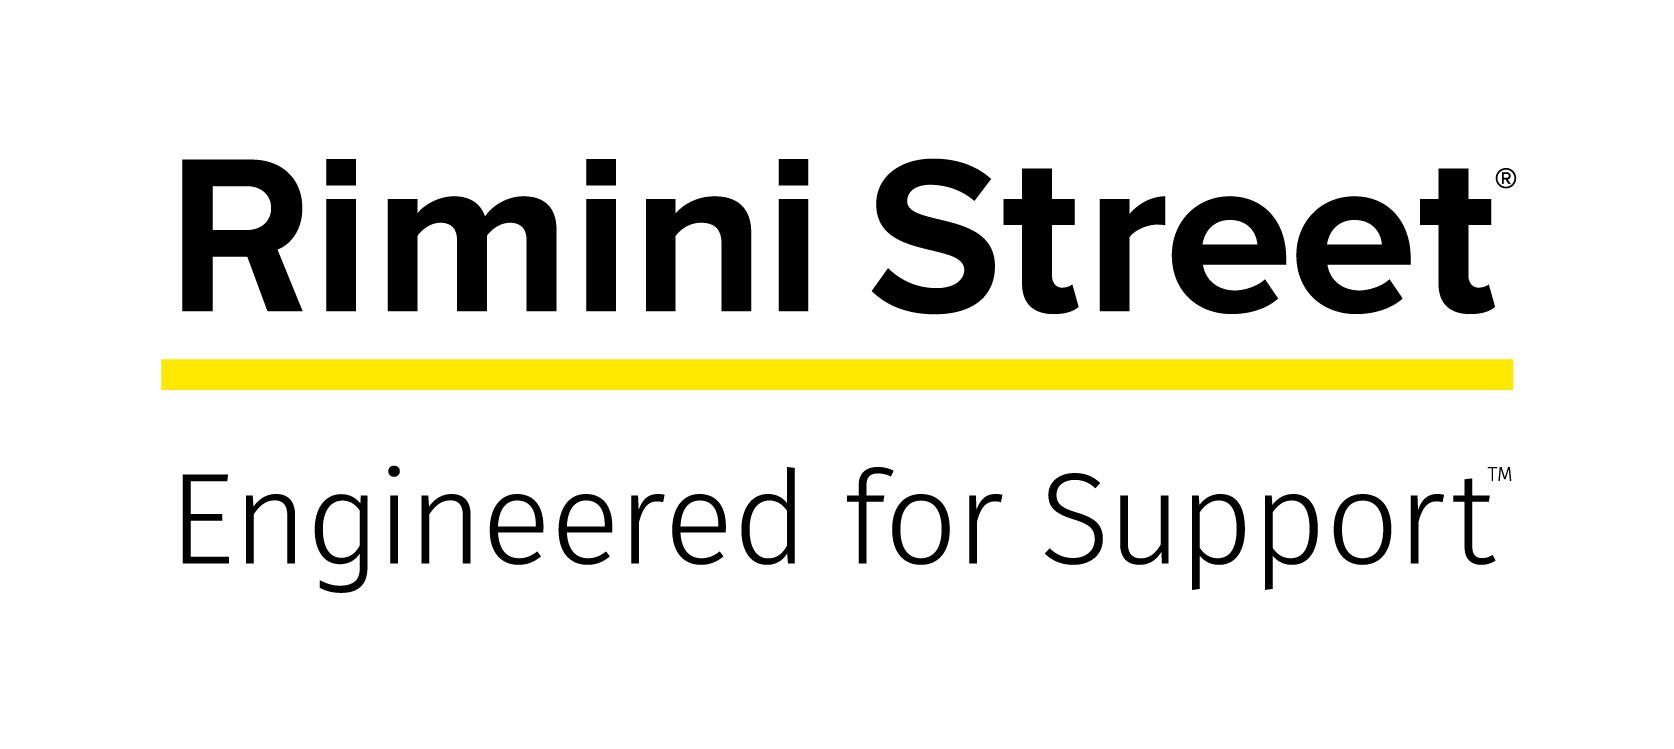 Rimini Street Anuncia su Expansión en Medio Oriente, con el Fin de Apoyar la Creciente Base de Clientes en el Golfo Pérsico, Arabia Saudita y Turquía